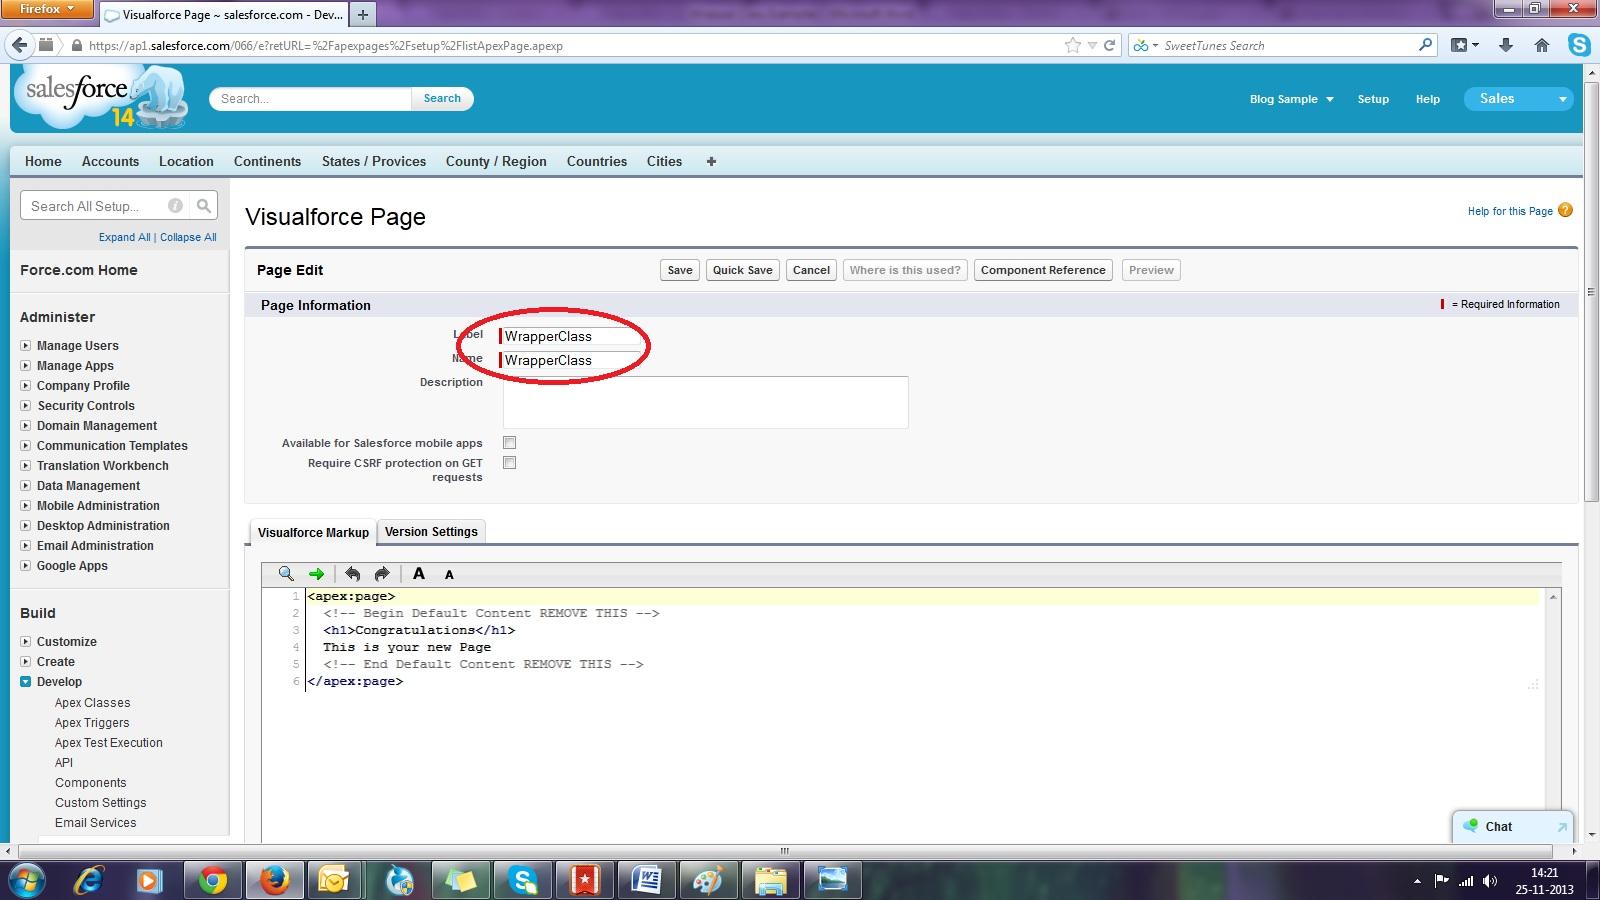 Develop page